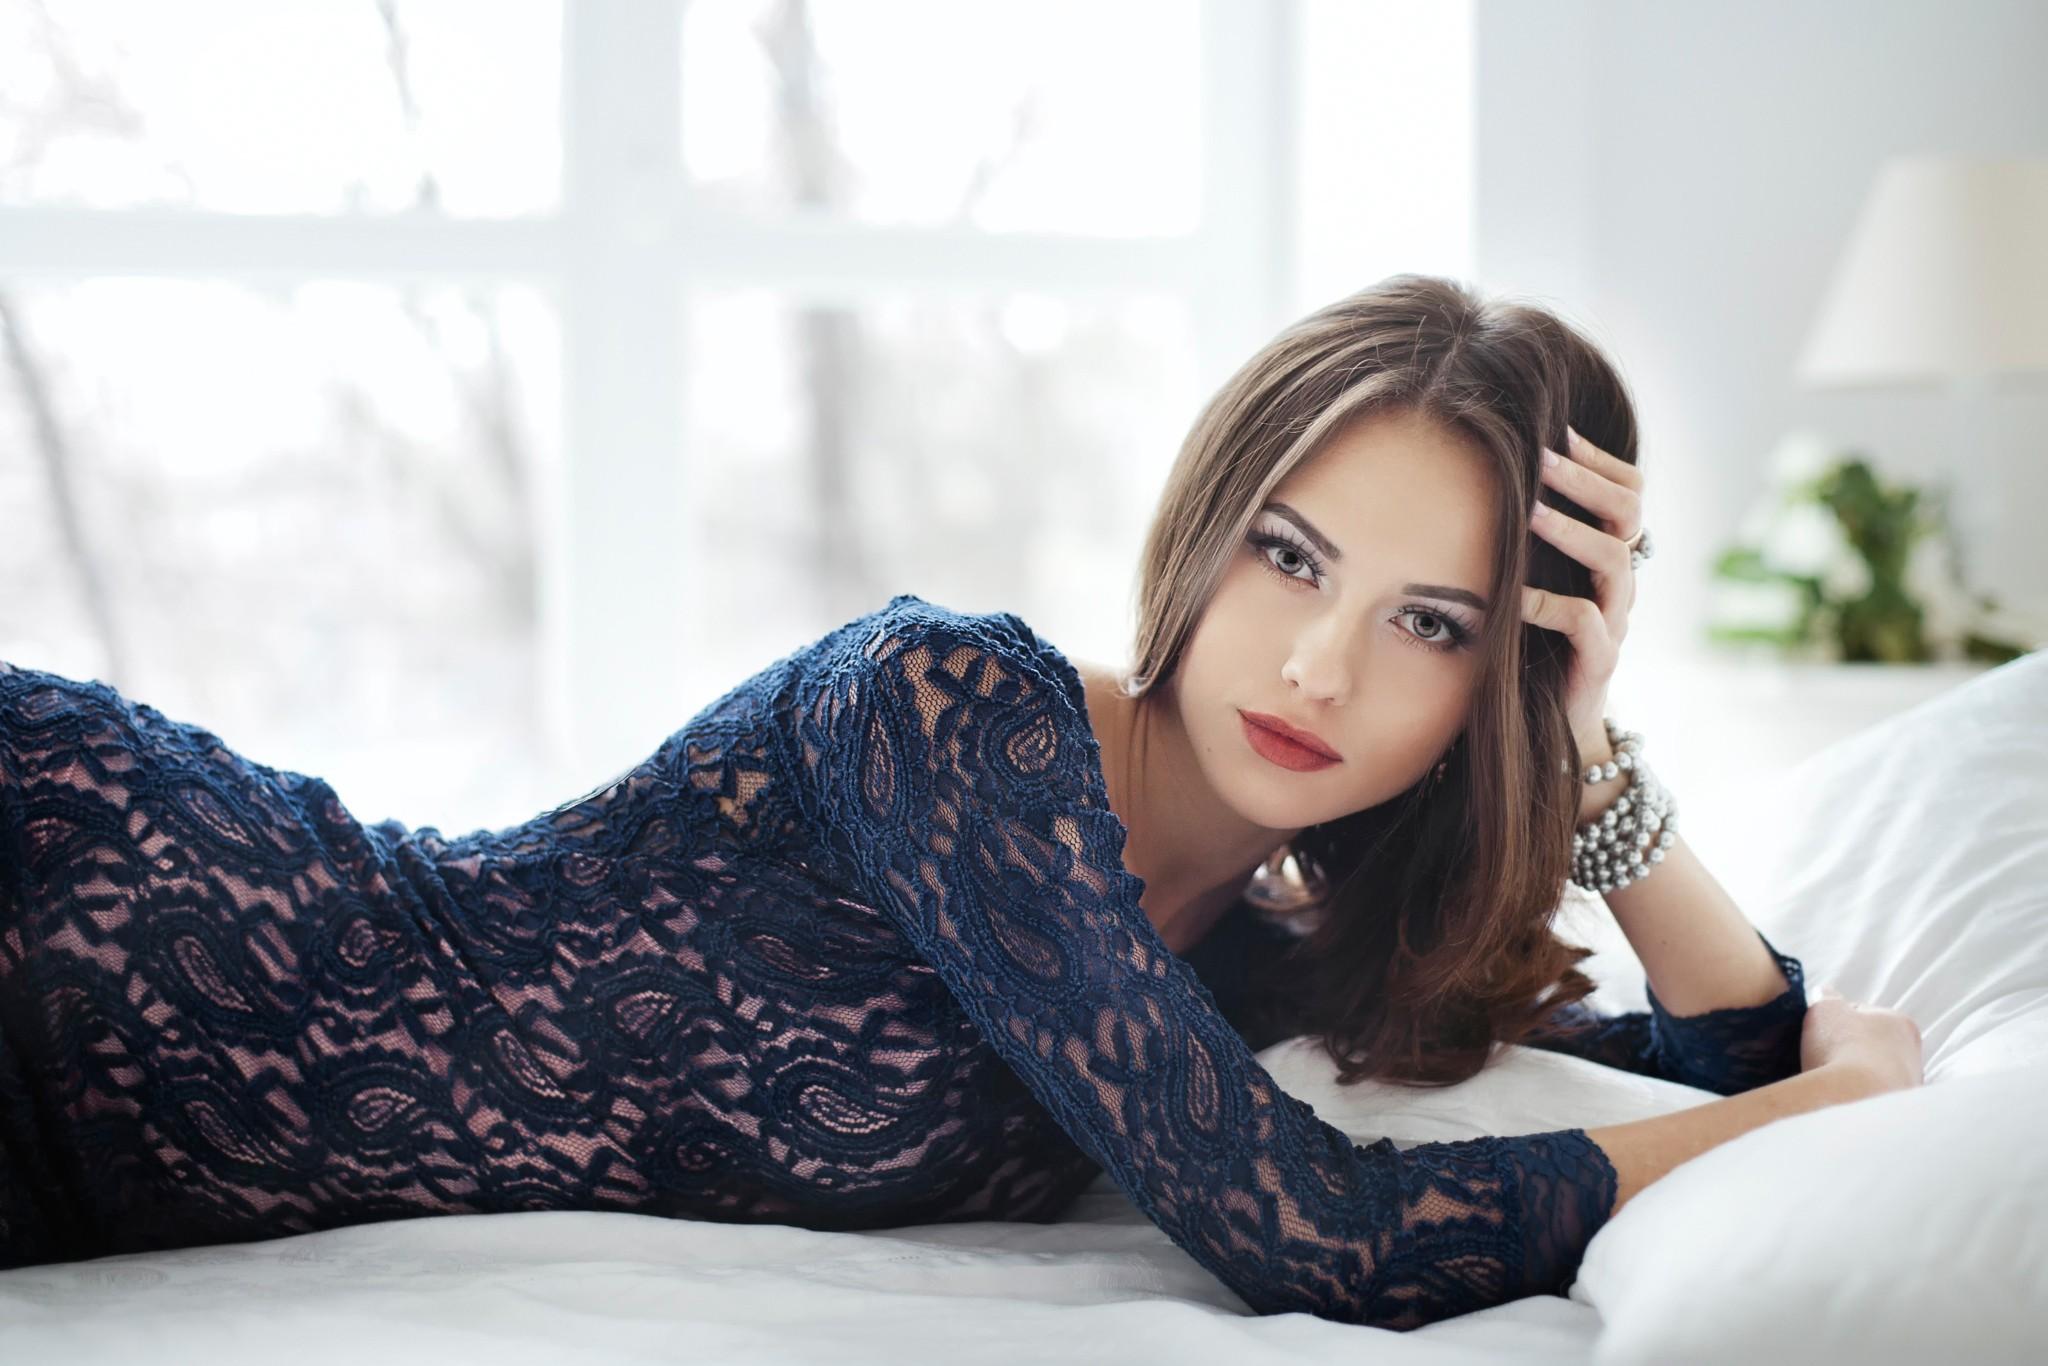 Wallpaper  Women, Model, Long Hair, Blue Dress, Brunette -6086